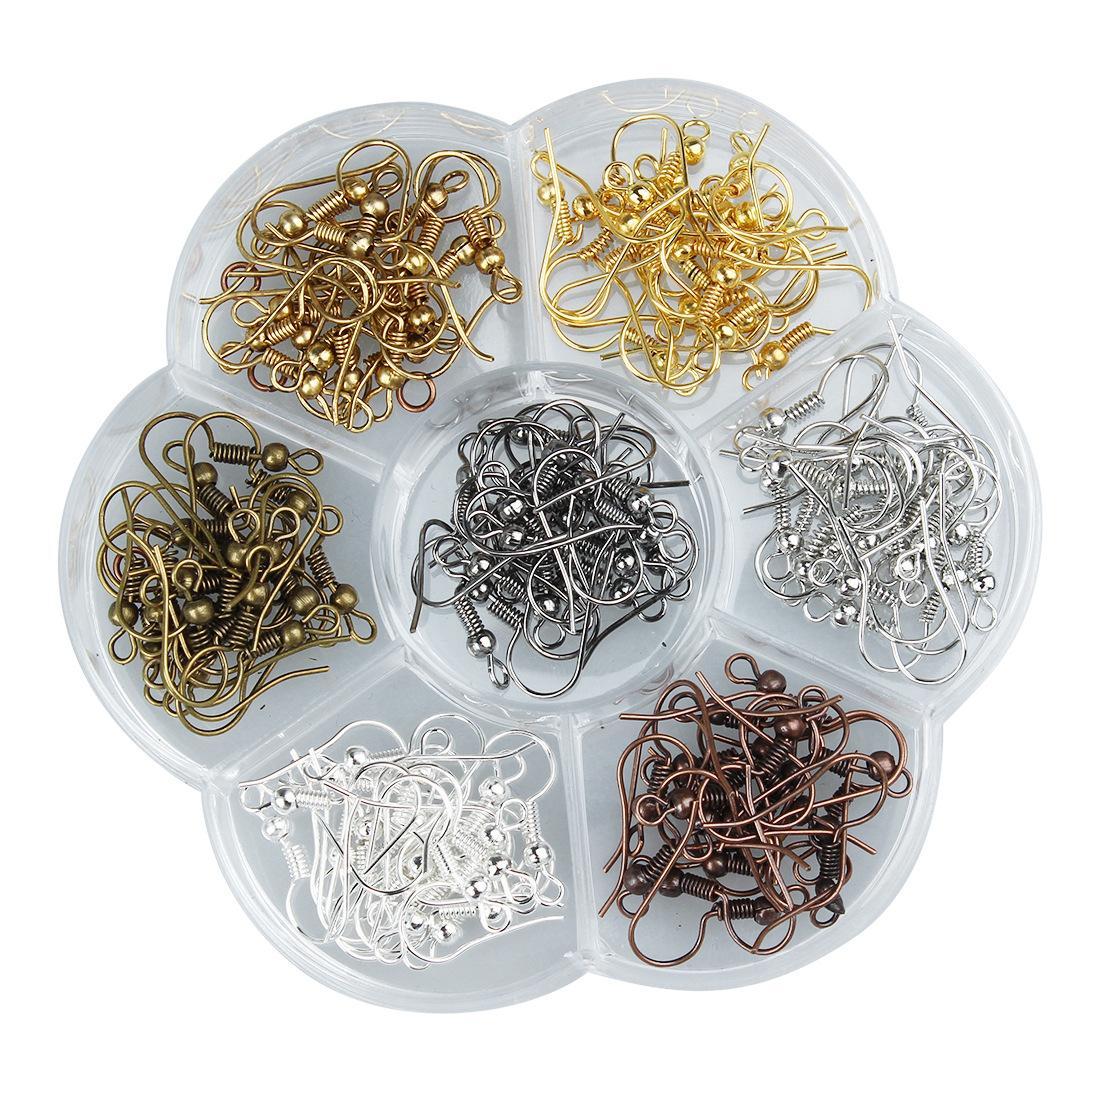 140 pièces / Lot boucle d'oreille crochets accessoires bijoux Constats crochets boucle d'oreille de gros pièces Bijou Composants pour boucles d'oreilles